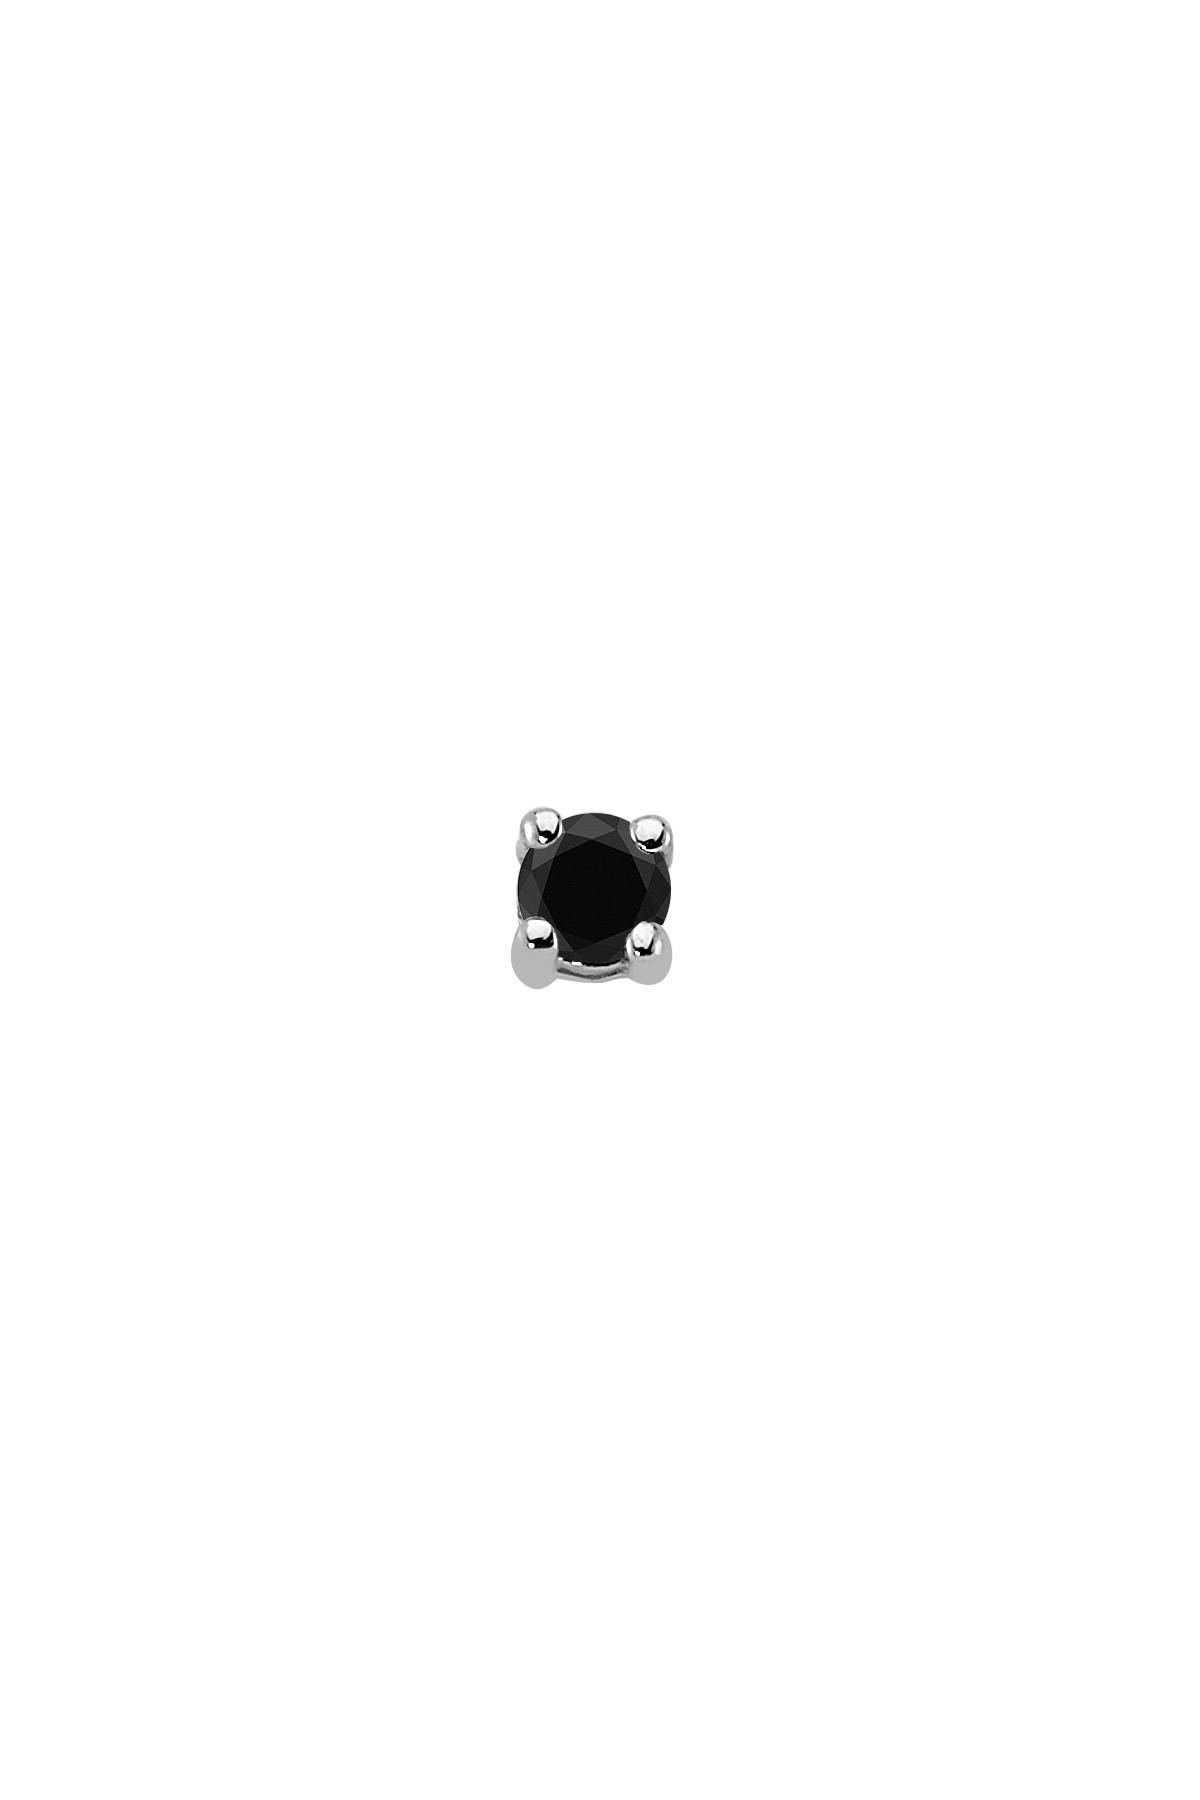 Sirius Pırlanta 0,12 Karat Siyah Pırlanta Tektaş Erkek Küpesi 1